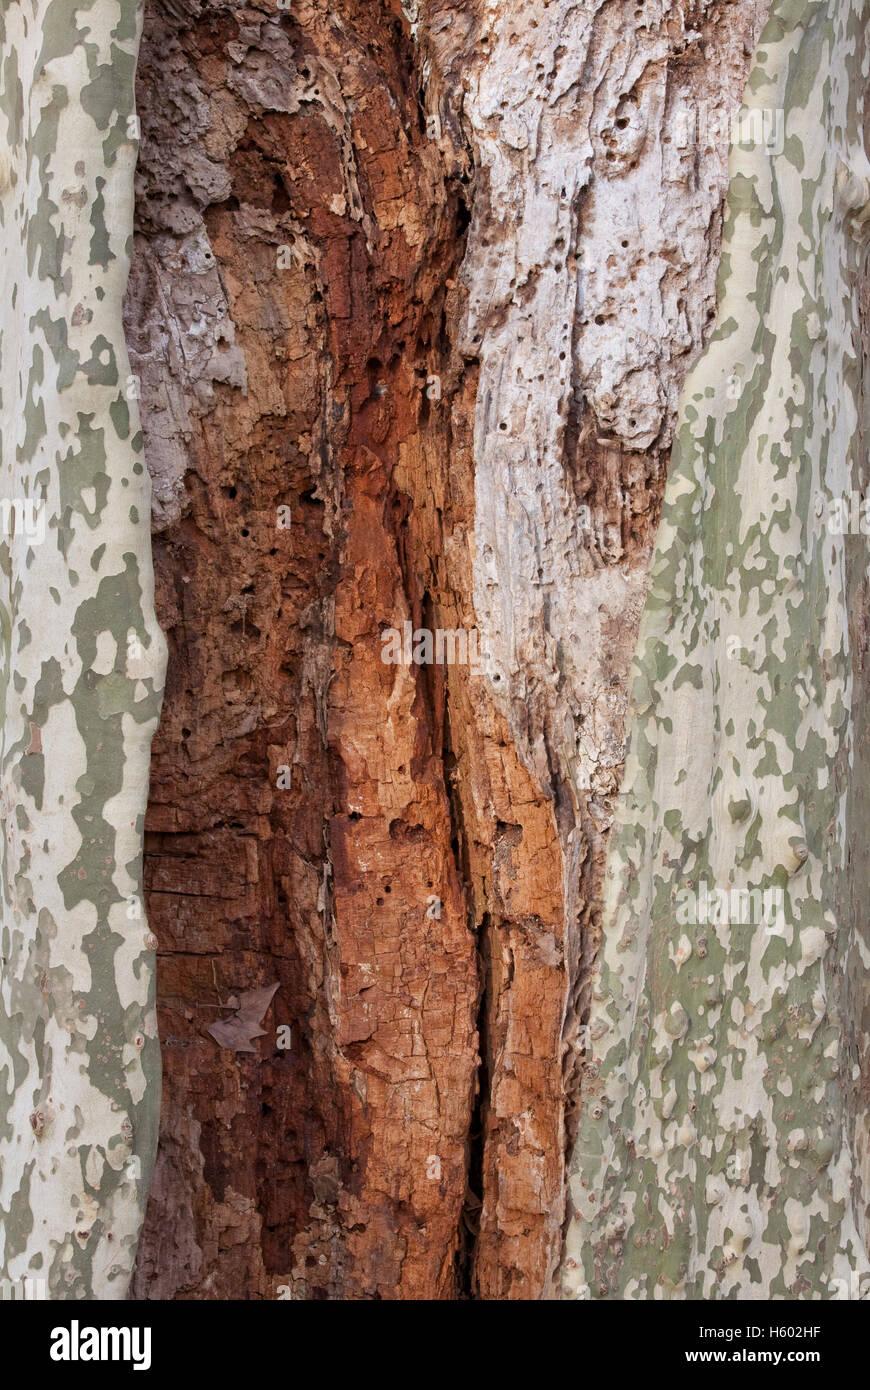 baumstamm von einer platane (platanus), platane, holz-wurm befallen